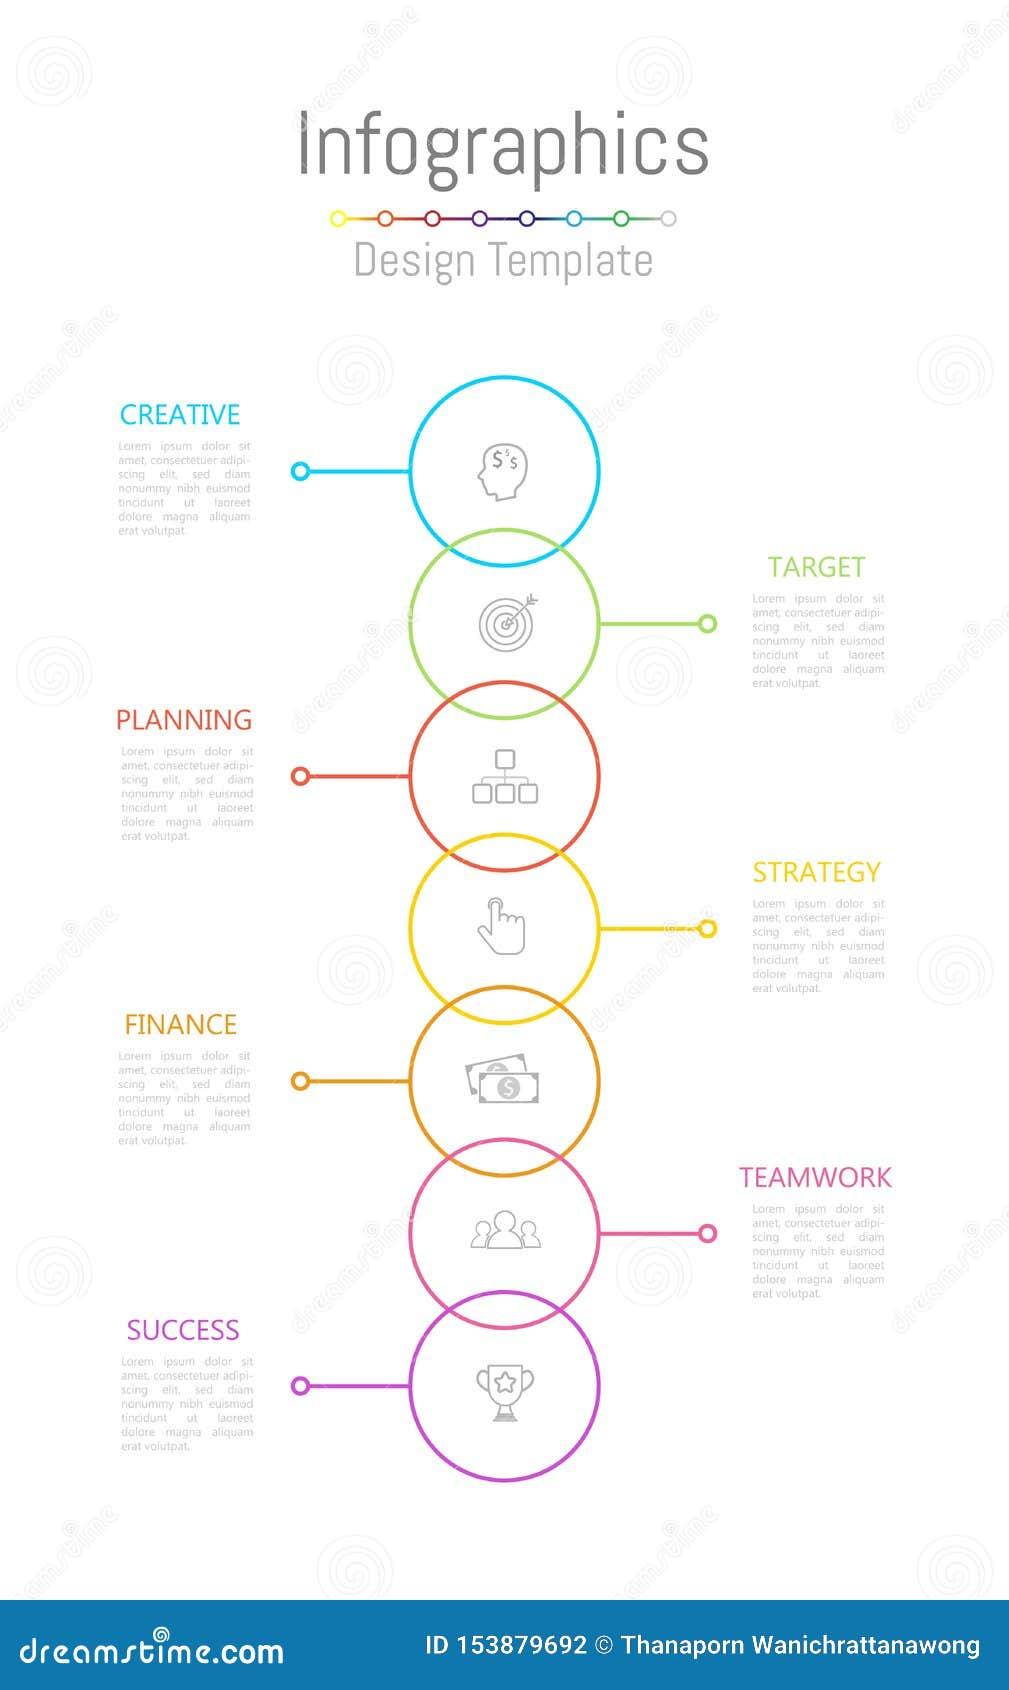 Στοιχεία σχεδίου Infographic για τα επιχειρησιακά στοιχεία σας με τις 7 επιλογές, τα μέρη, τα βήματα, υποδείξεις ως προς το χρόνο